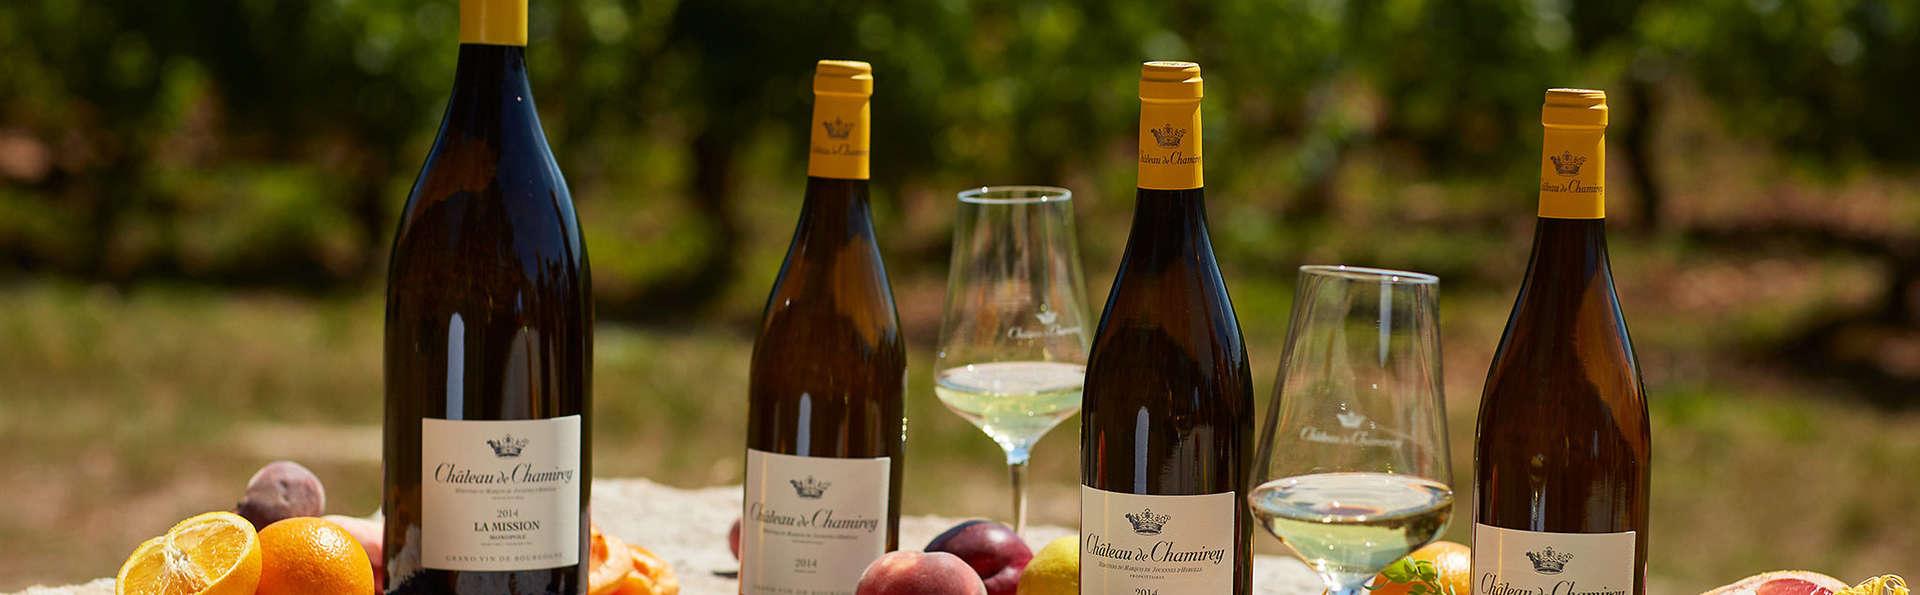 Week-end en Bourgogne du sud avec dégustation